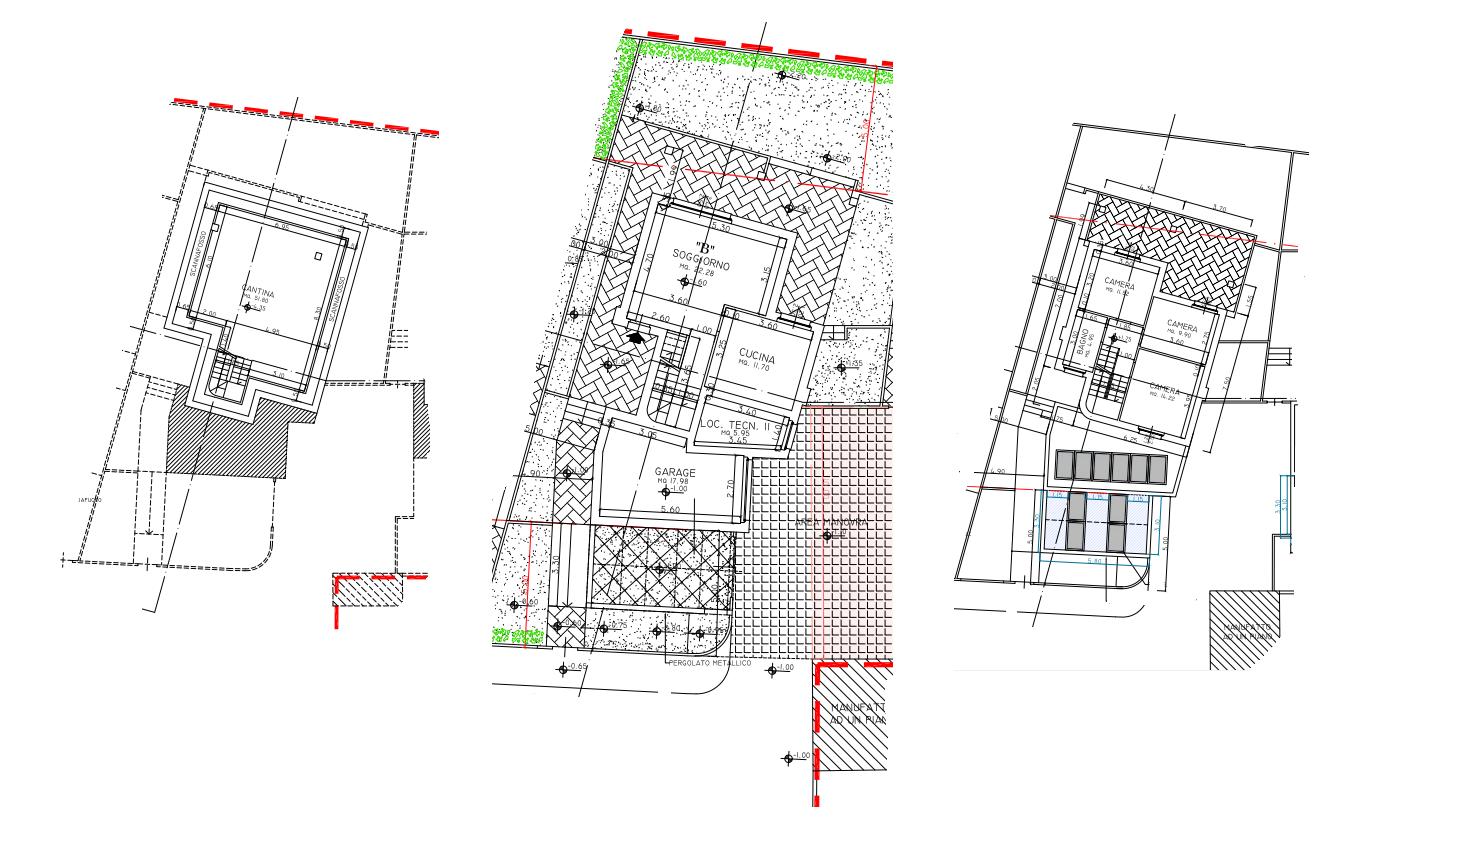 Villa singola in vendita, rif. k118 (Planimetria 1/1)